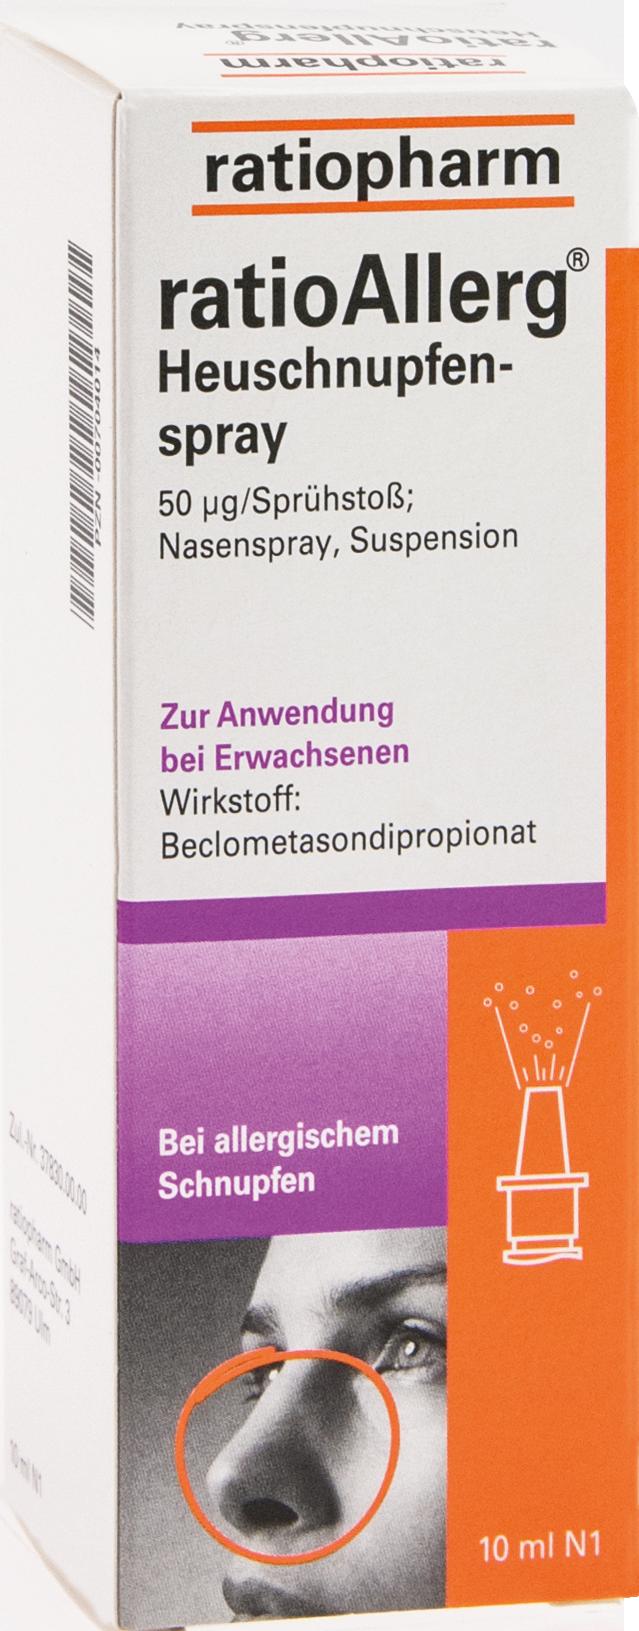 ratioAllerg Heuschnupfenspray